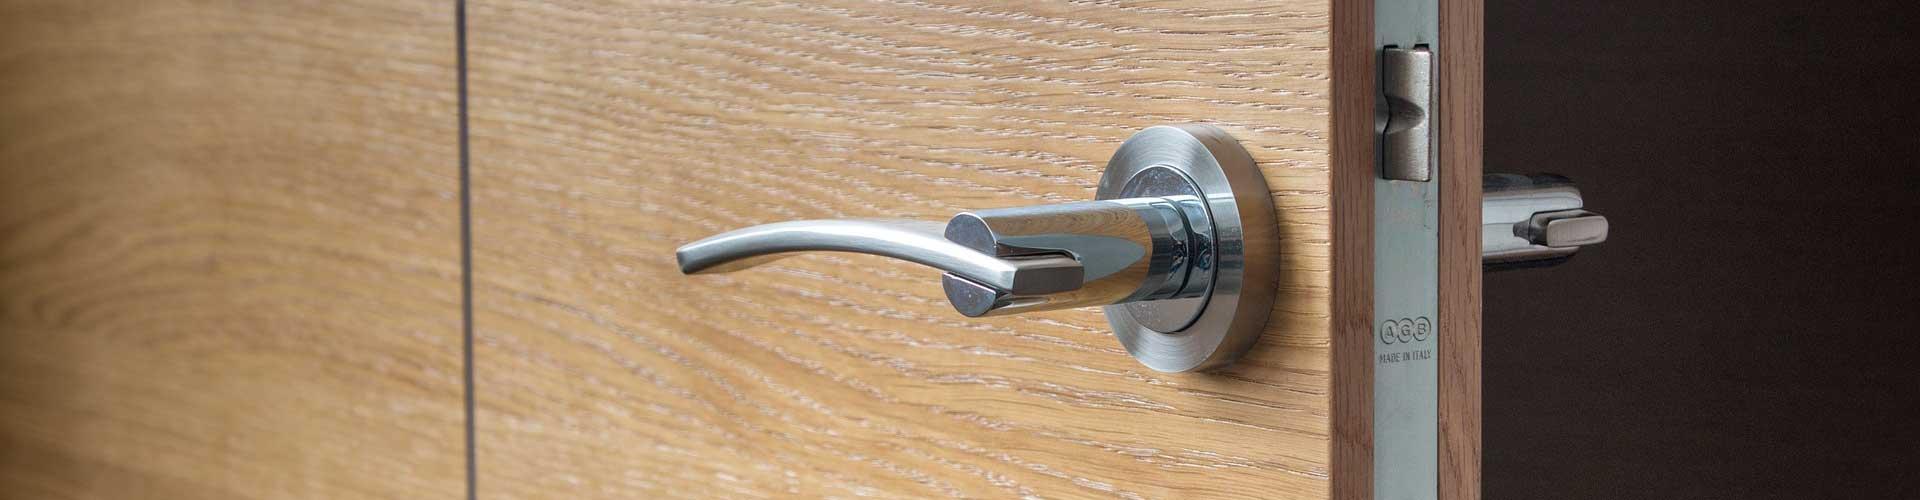 Office door handle